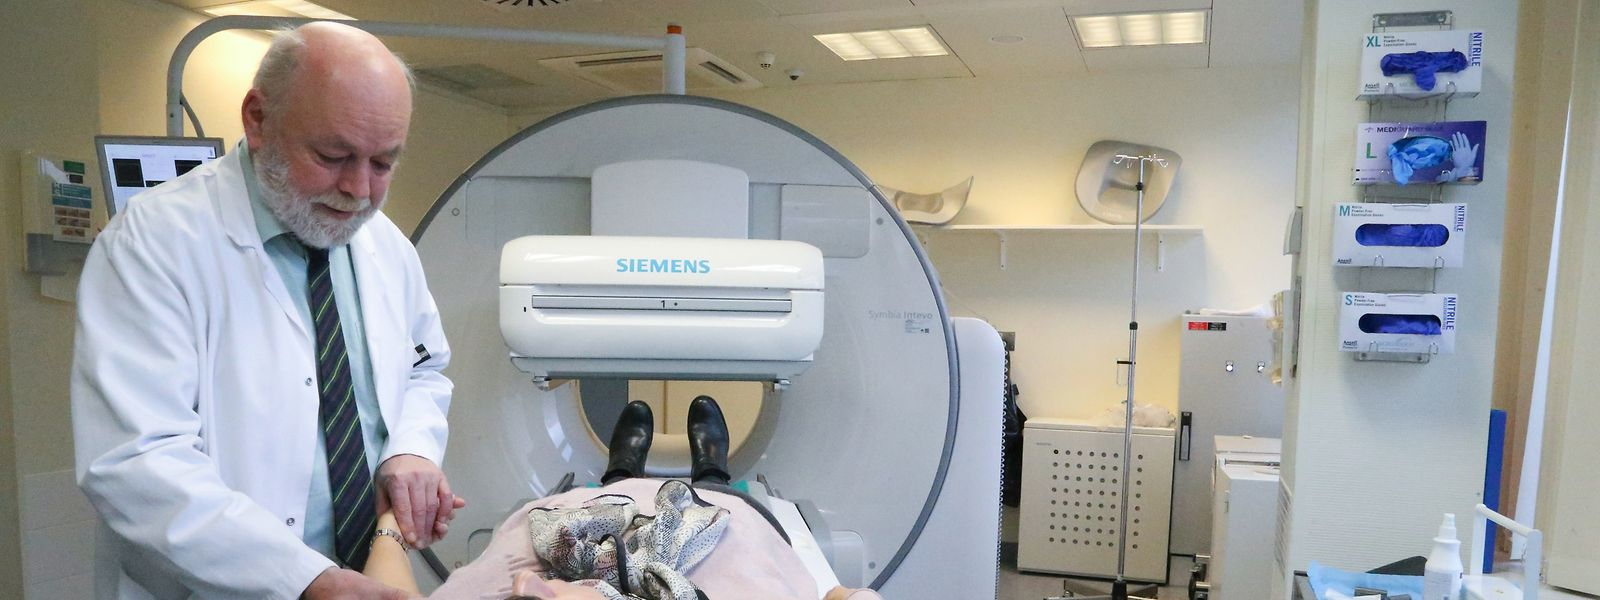 Vier neue IRM-Geräte will die Politik anschaffen - zwei reichen, war die Meinung der CNS.